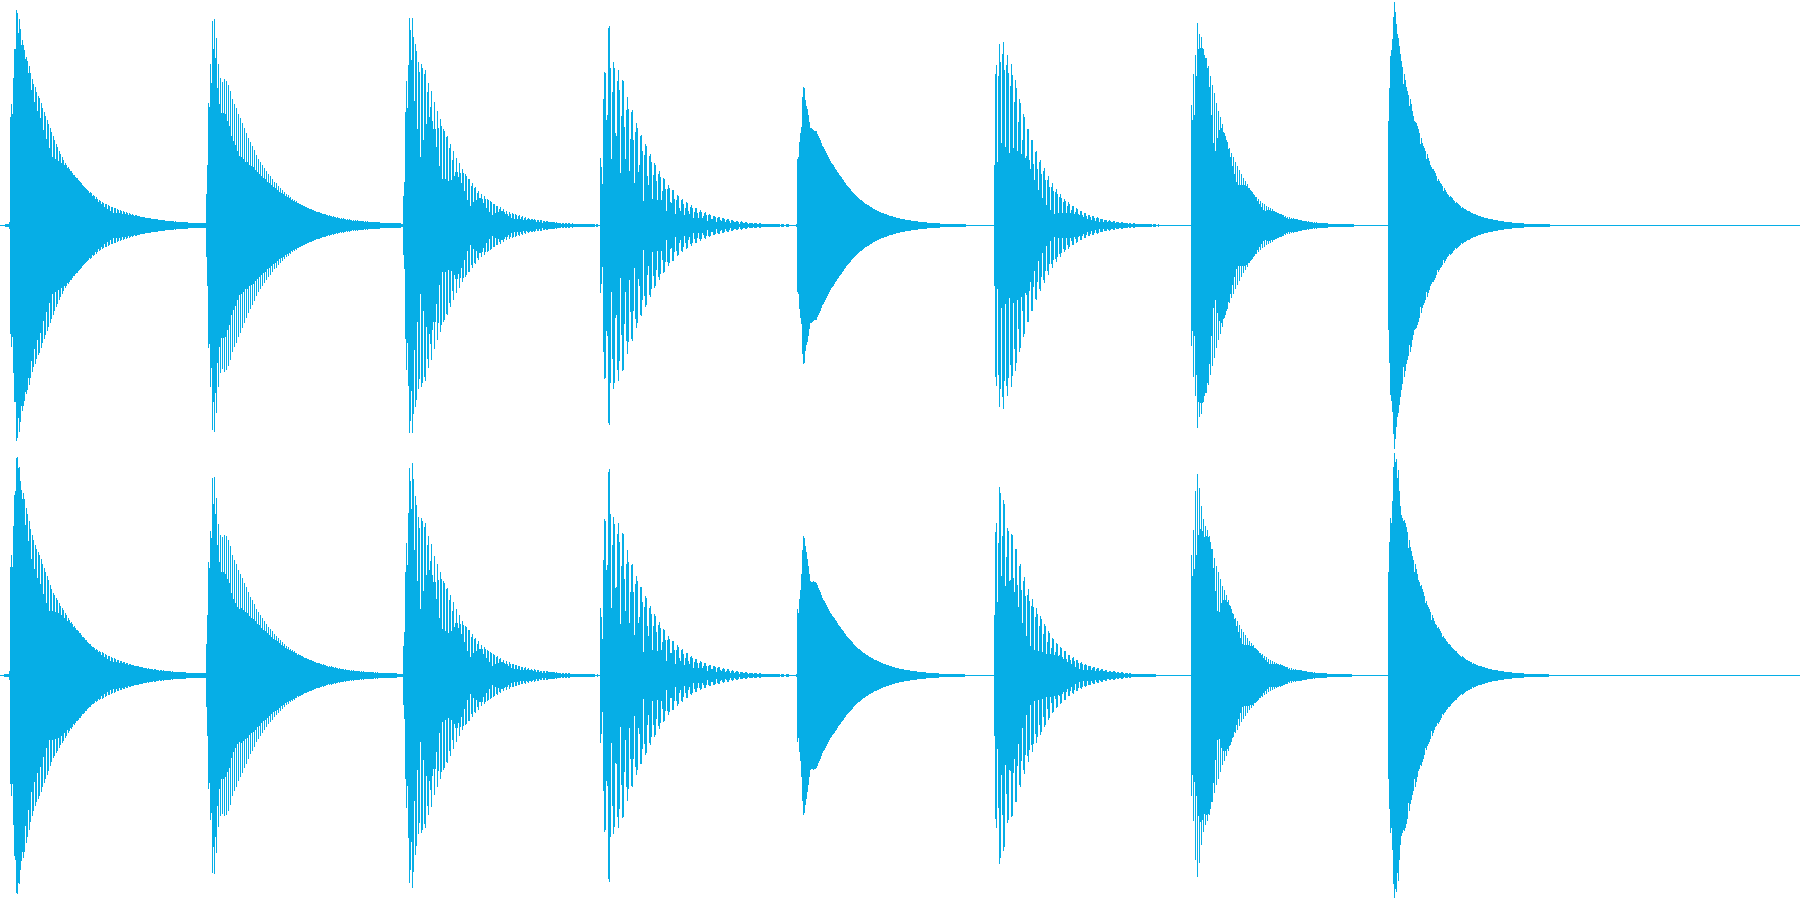 シンプルな3秒ほどの短い音階で、着信音…の再生済みの波形